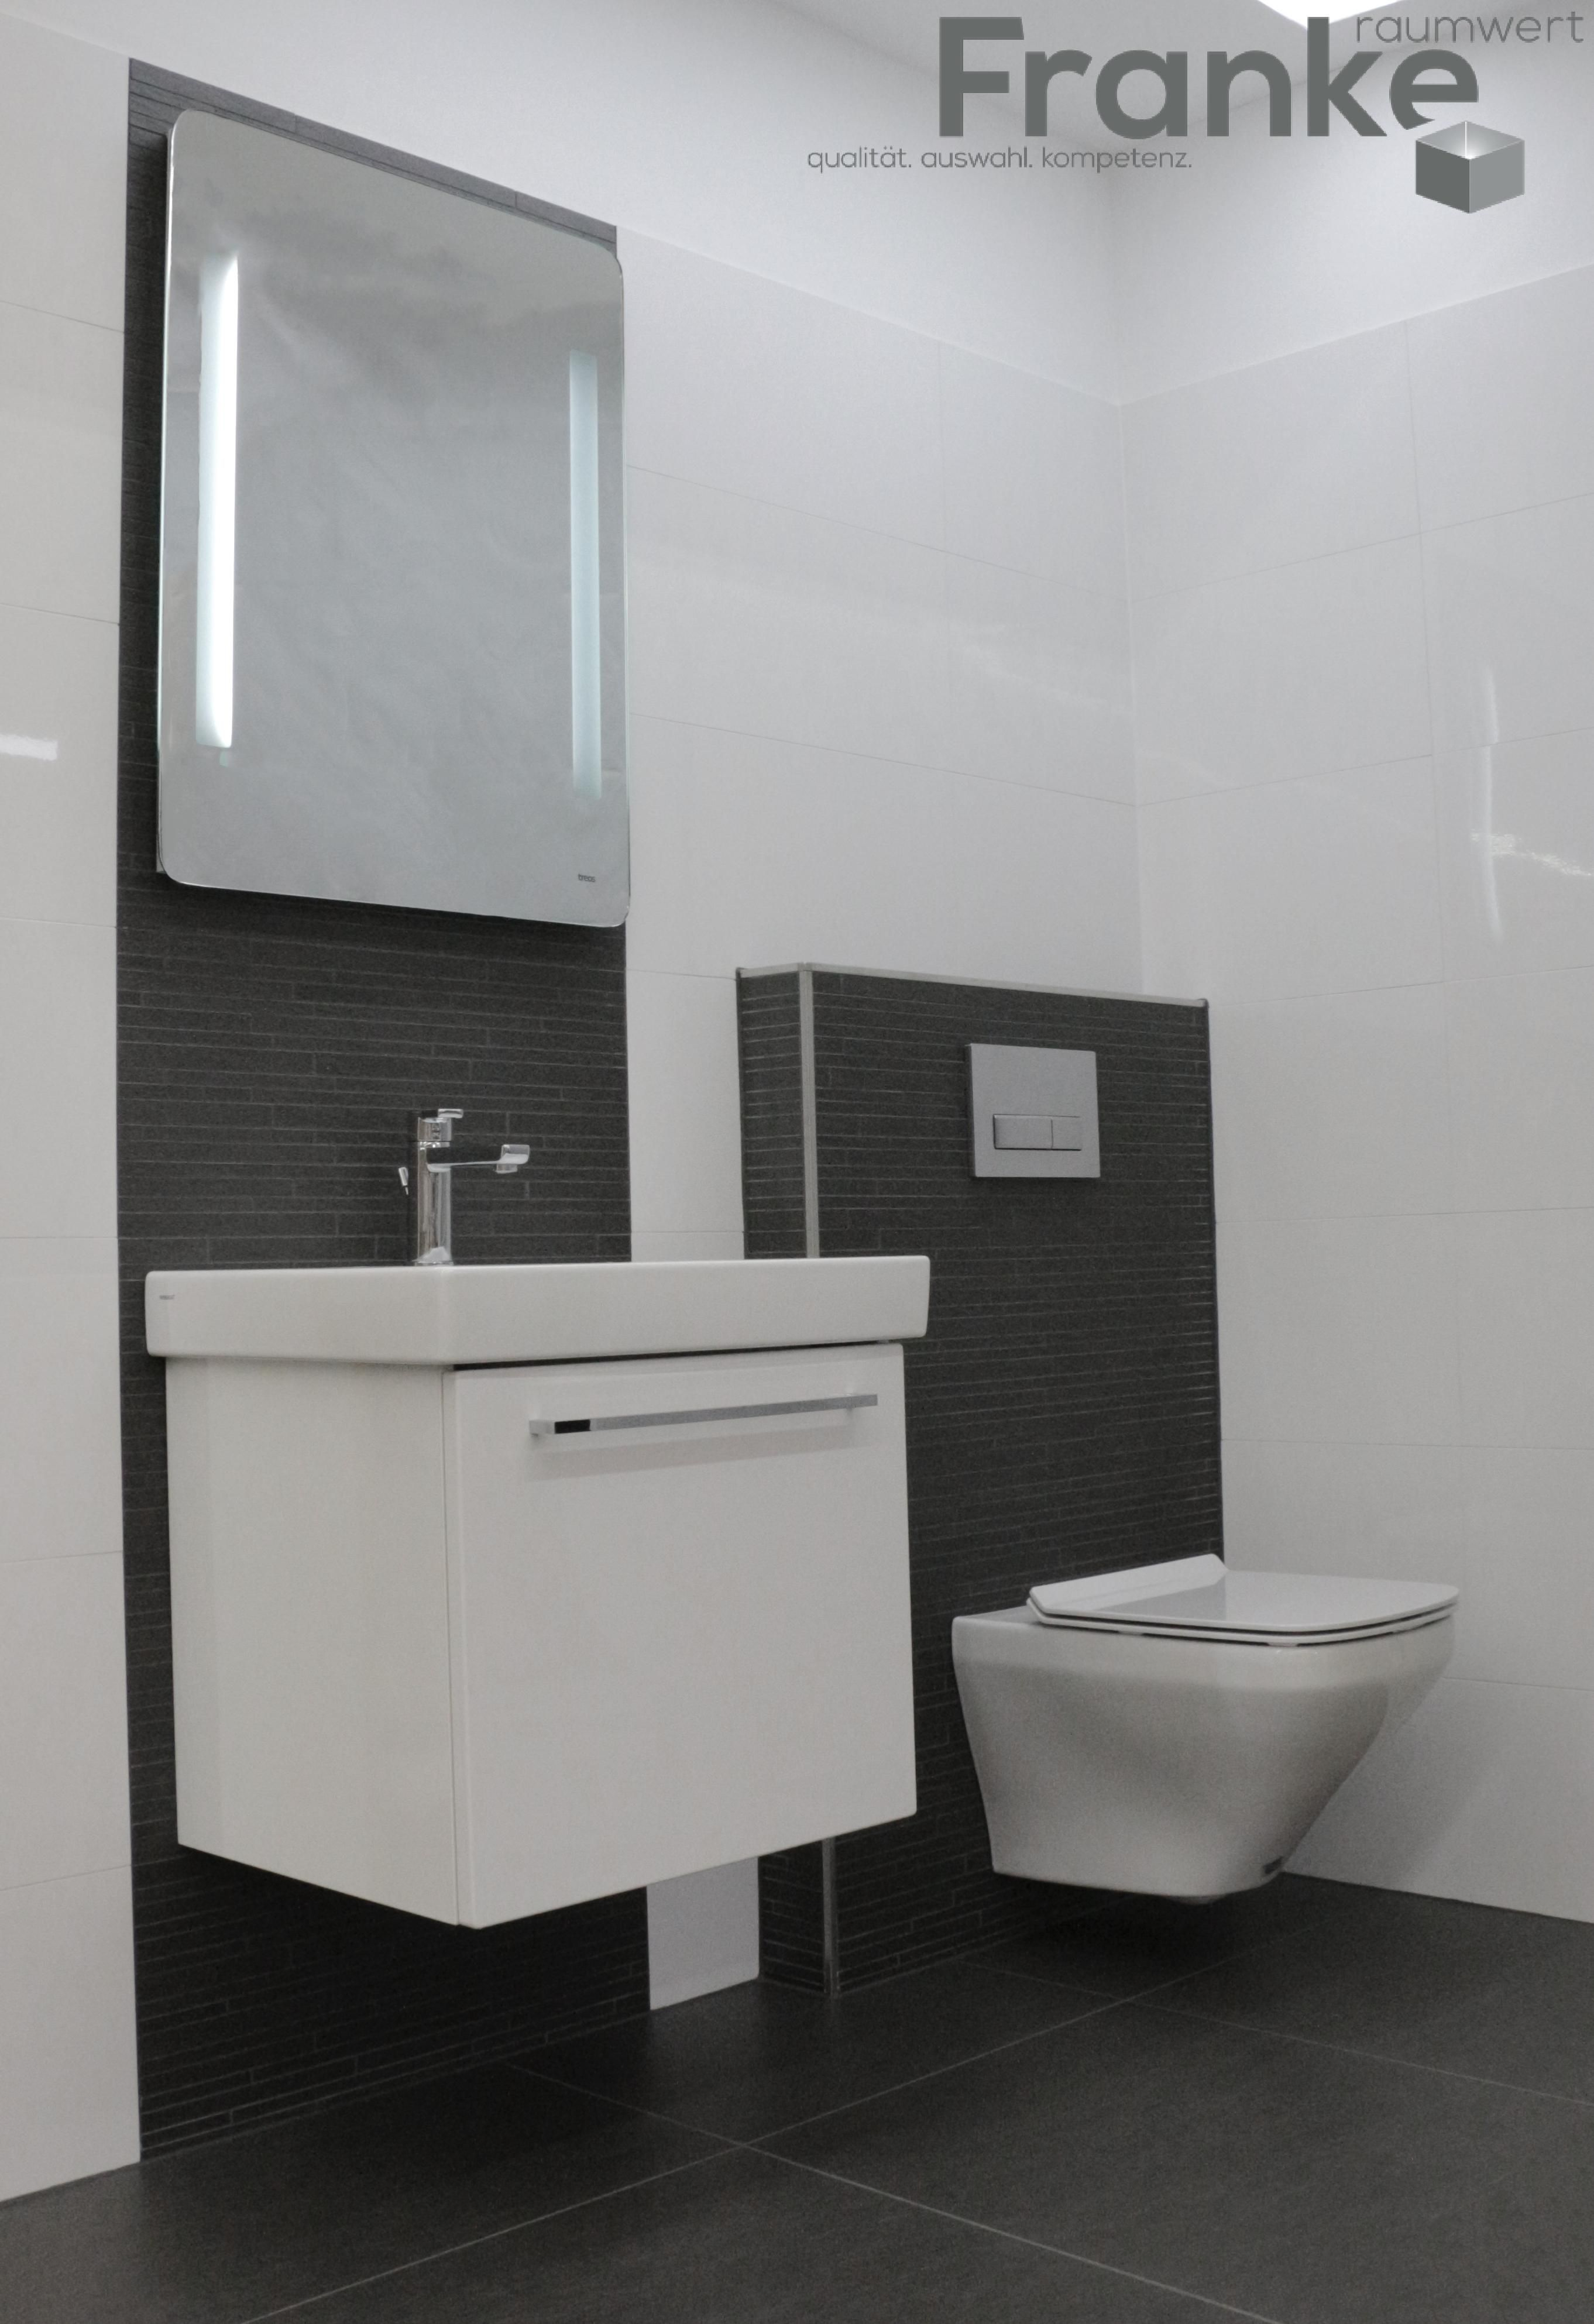 Klassischer Schwarz Weiss Look Zeitgemass Und Langlebig Weiss Hochglanzende Badezimmer Klein Badezimmer Schwarz Badezimmer